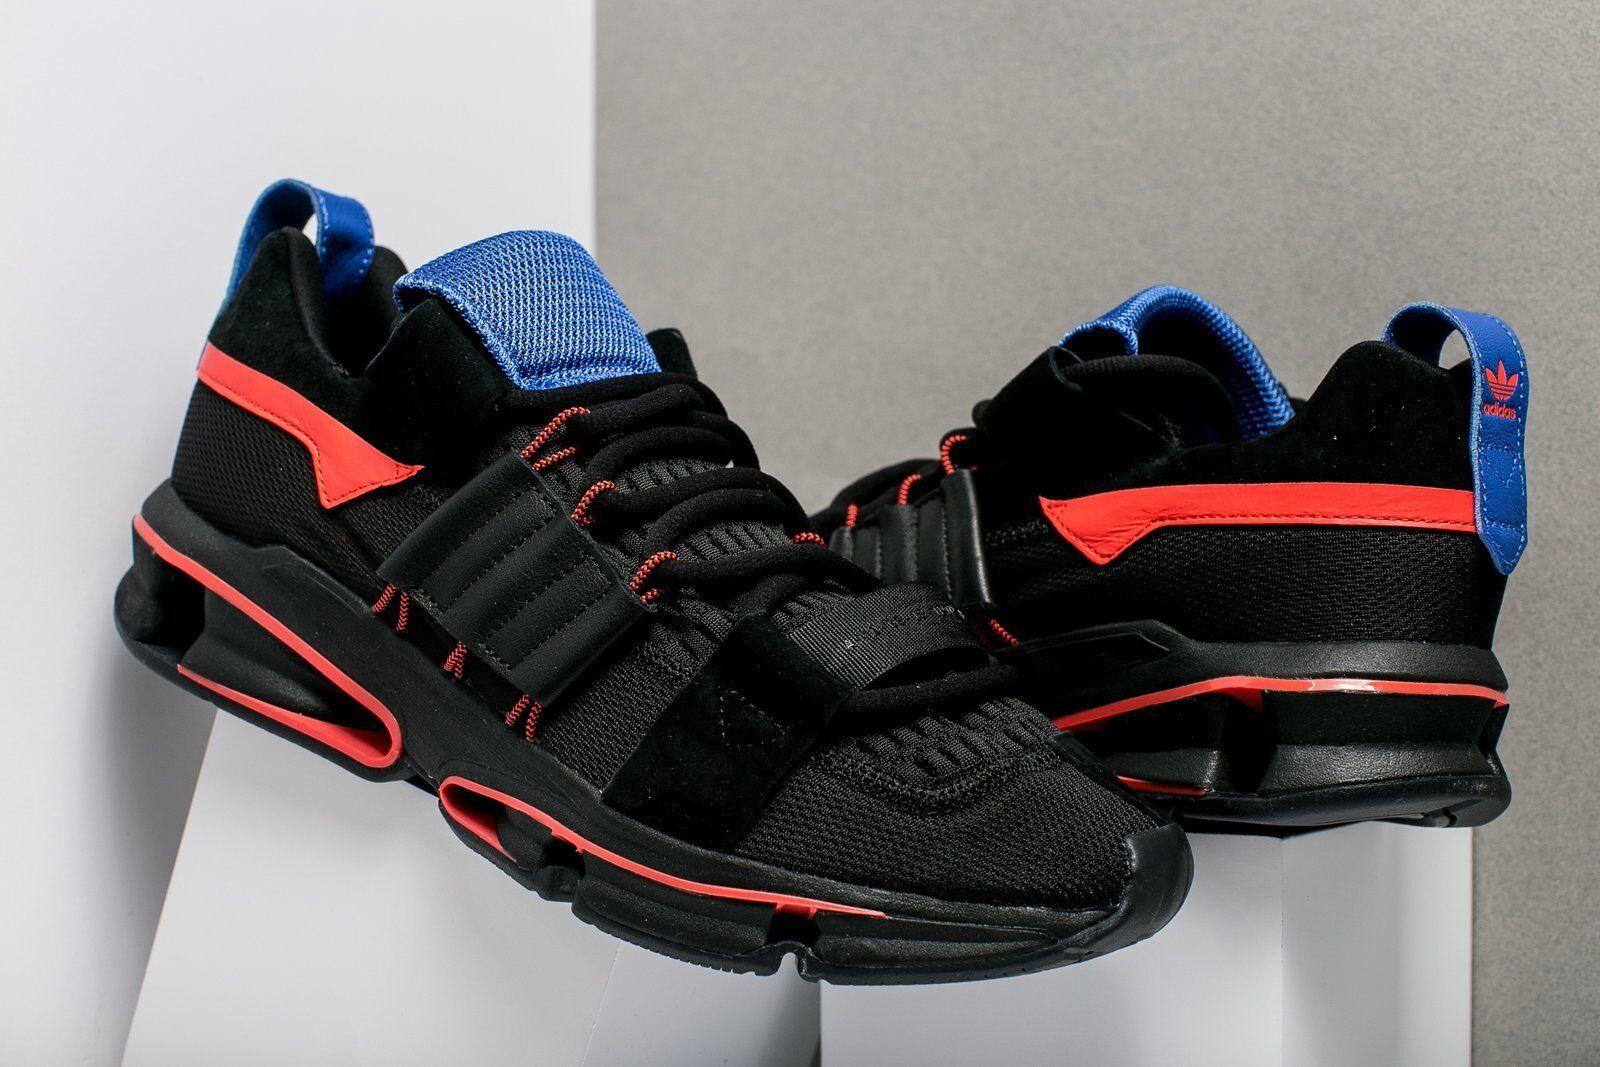 Adidas Originals Noir Homme Twinstrike ADV CM8097 UK7 Noir Originals OG CONSORTIUM Aqua NMD e4588d